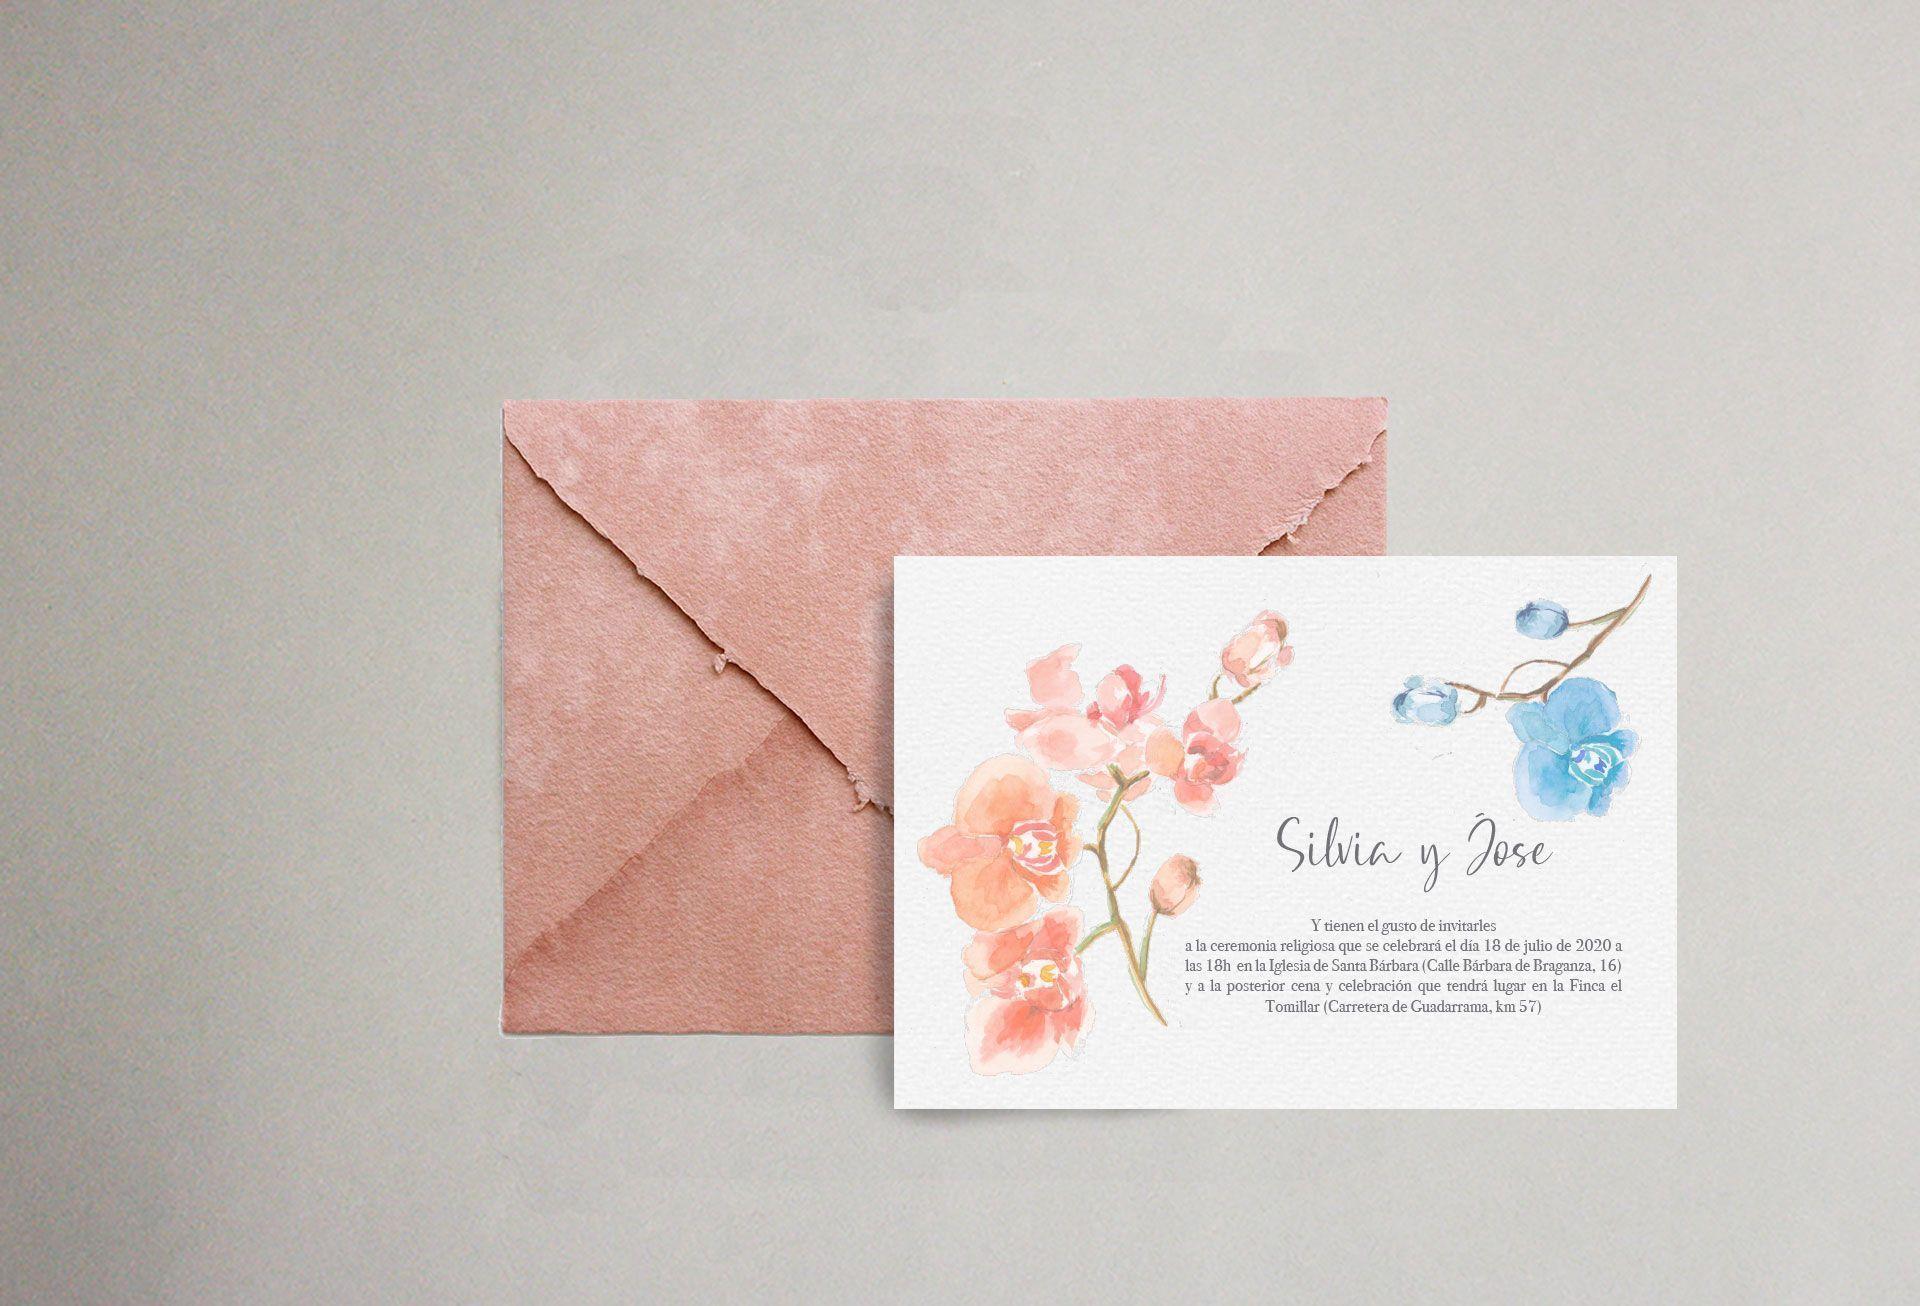 Invitacion de boda con acuarela de orquideas y sobre artesanal